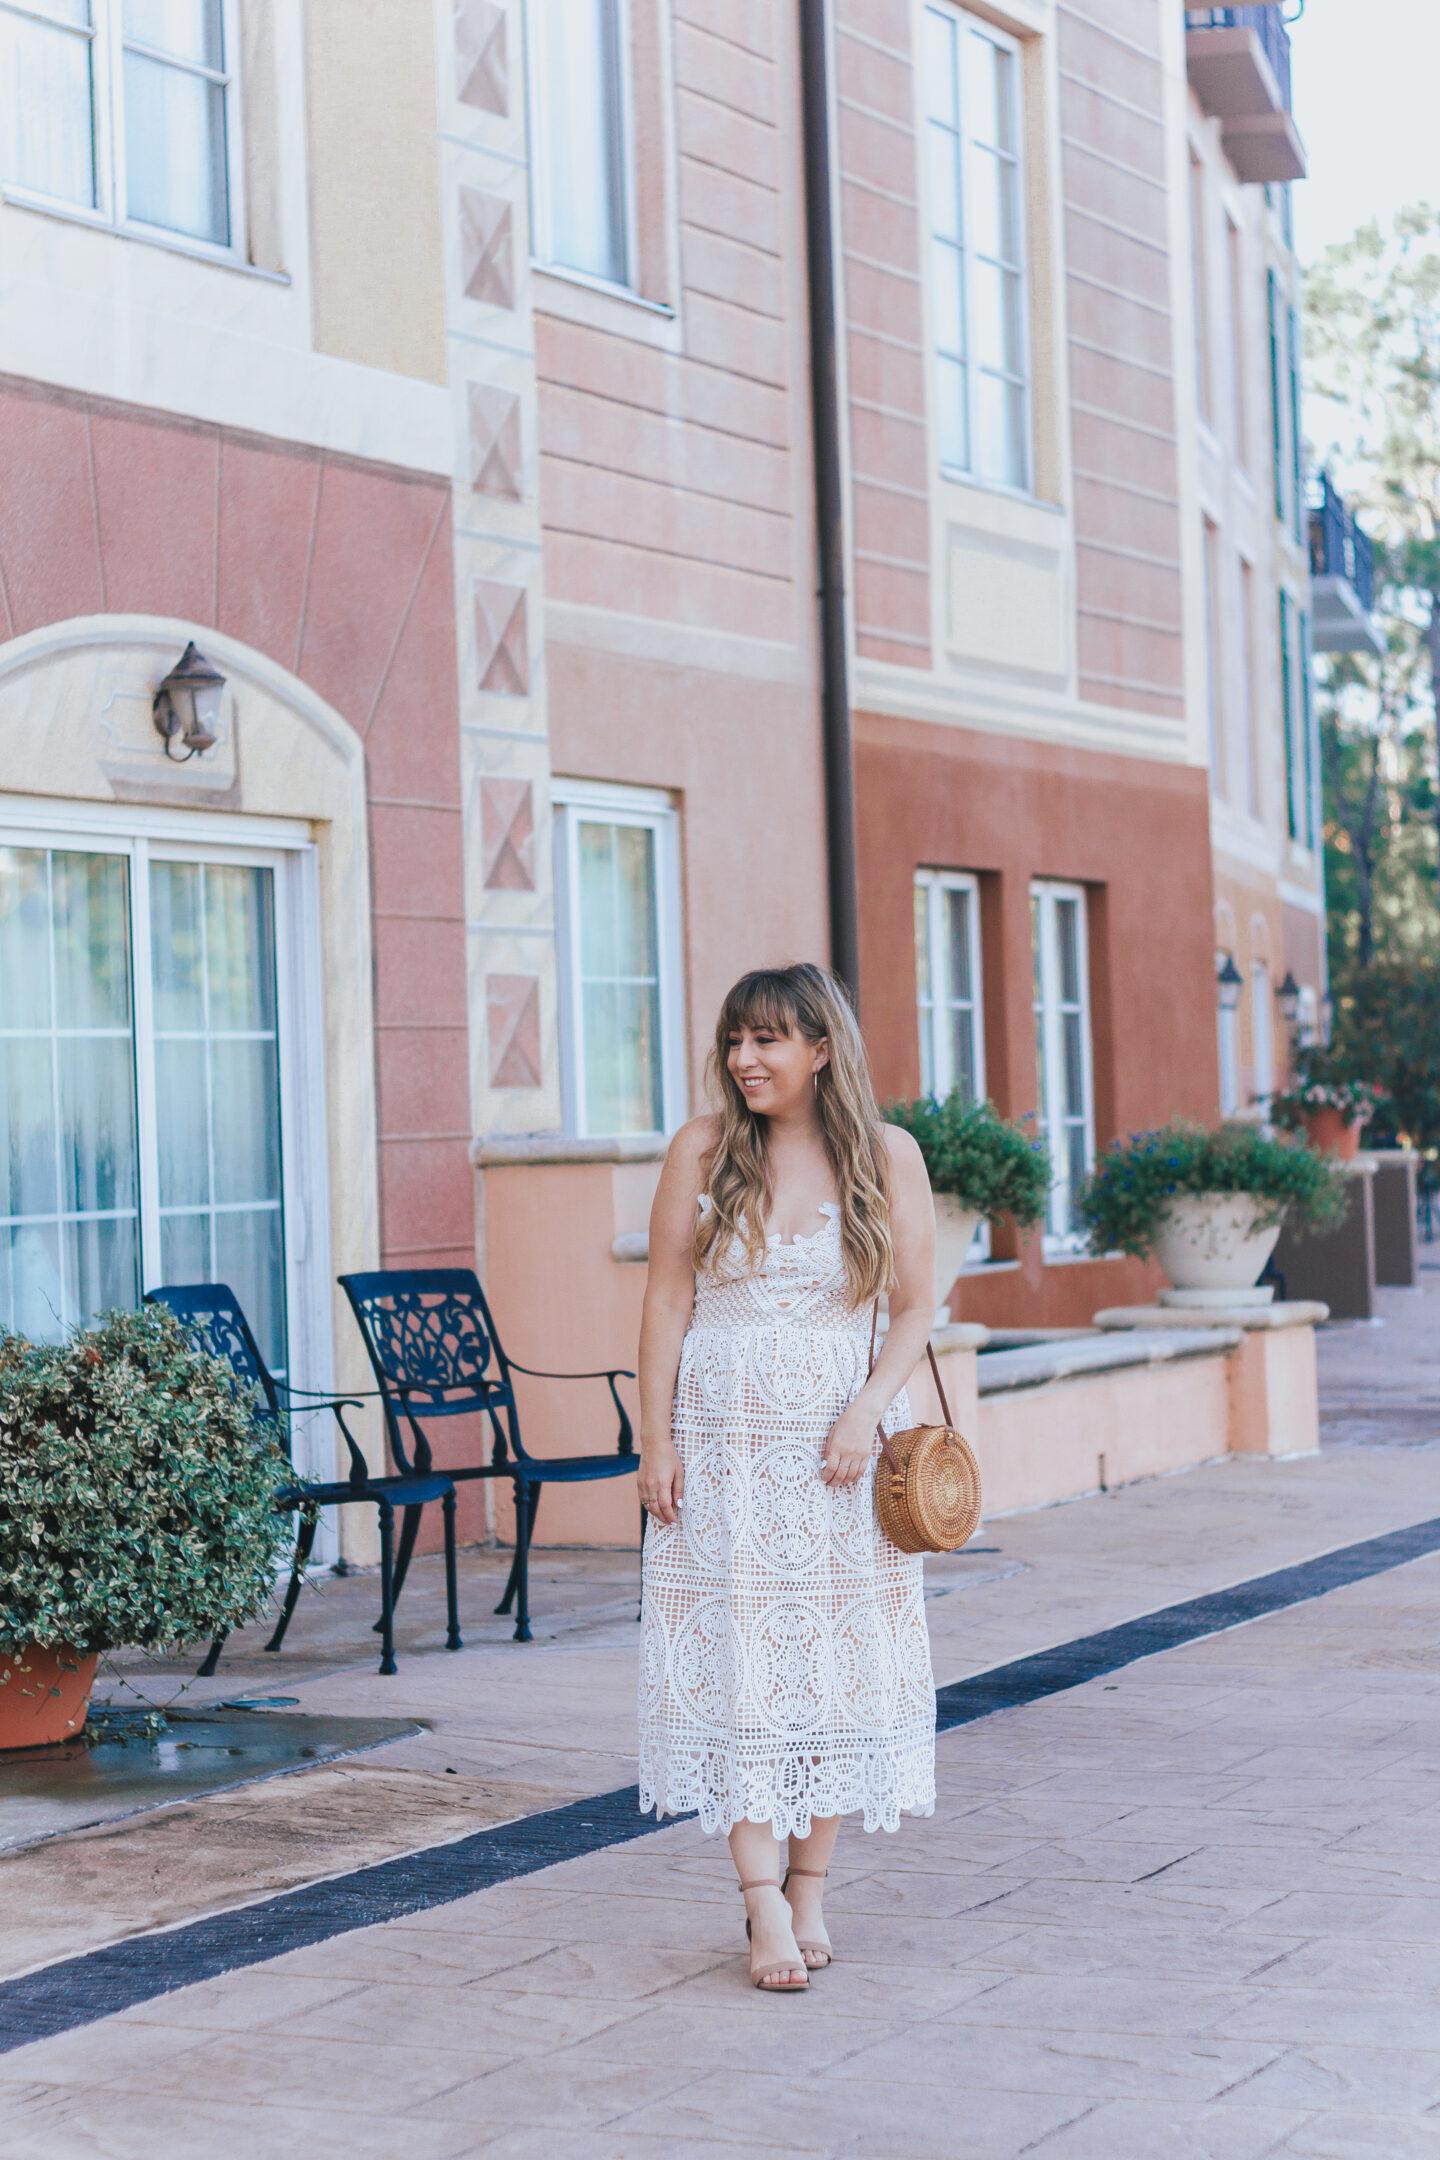 Loews-Portofino-Bay-Property-Stephanie-Pernas-13